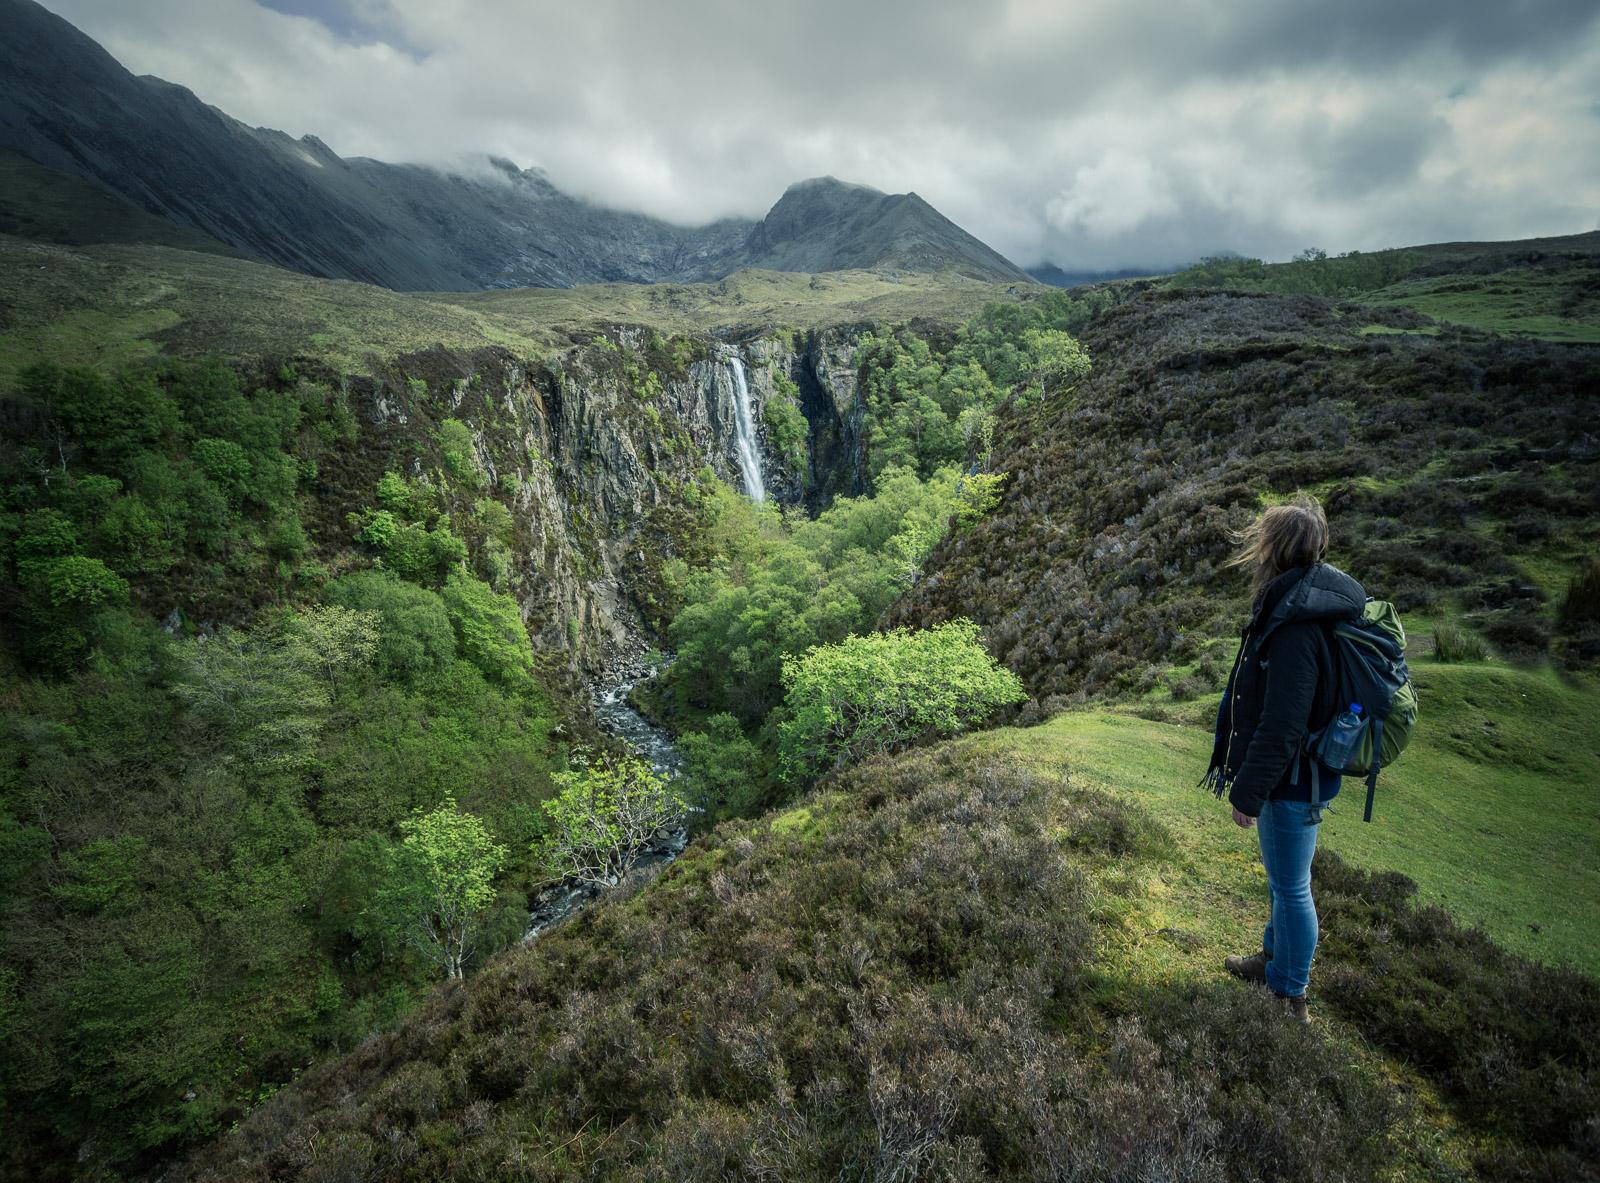 Frau schaut zum Eas Mor Waterfall (Wasserfall).